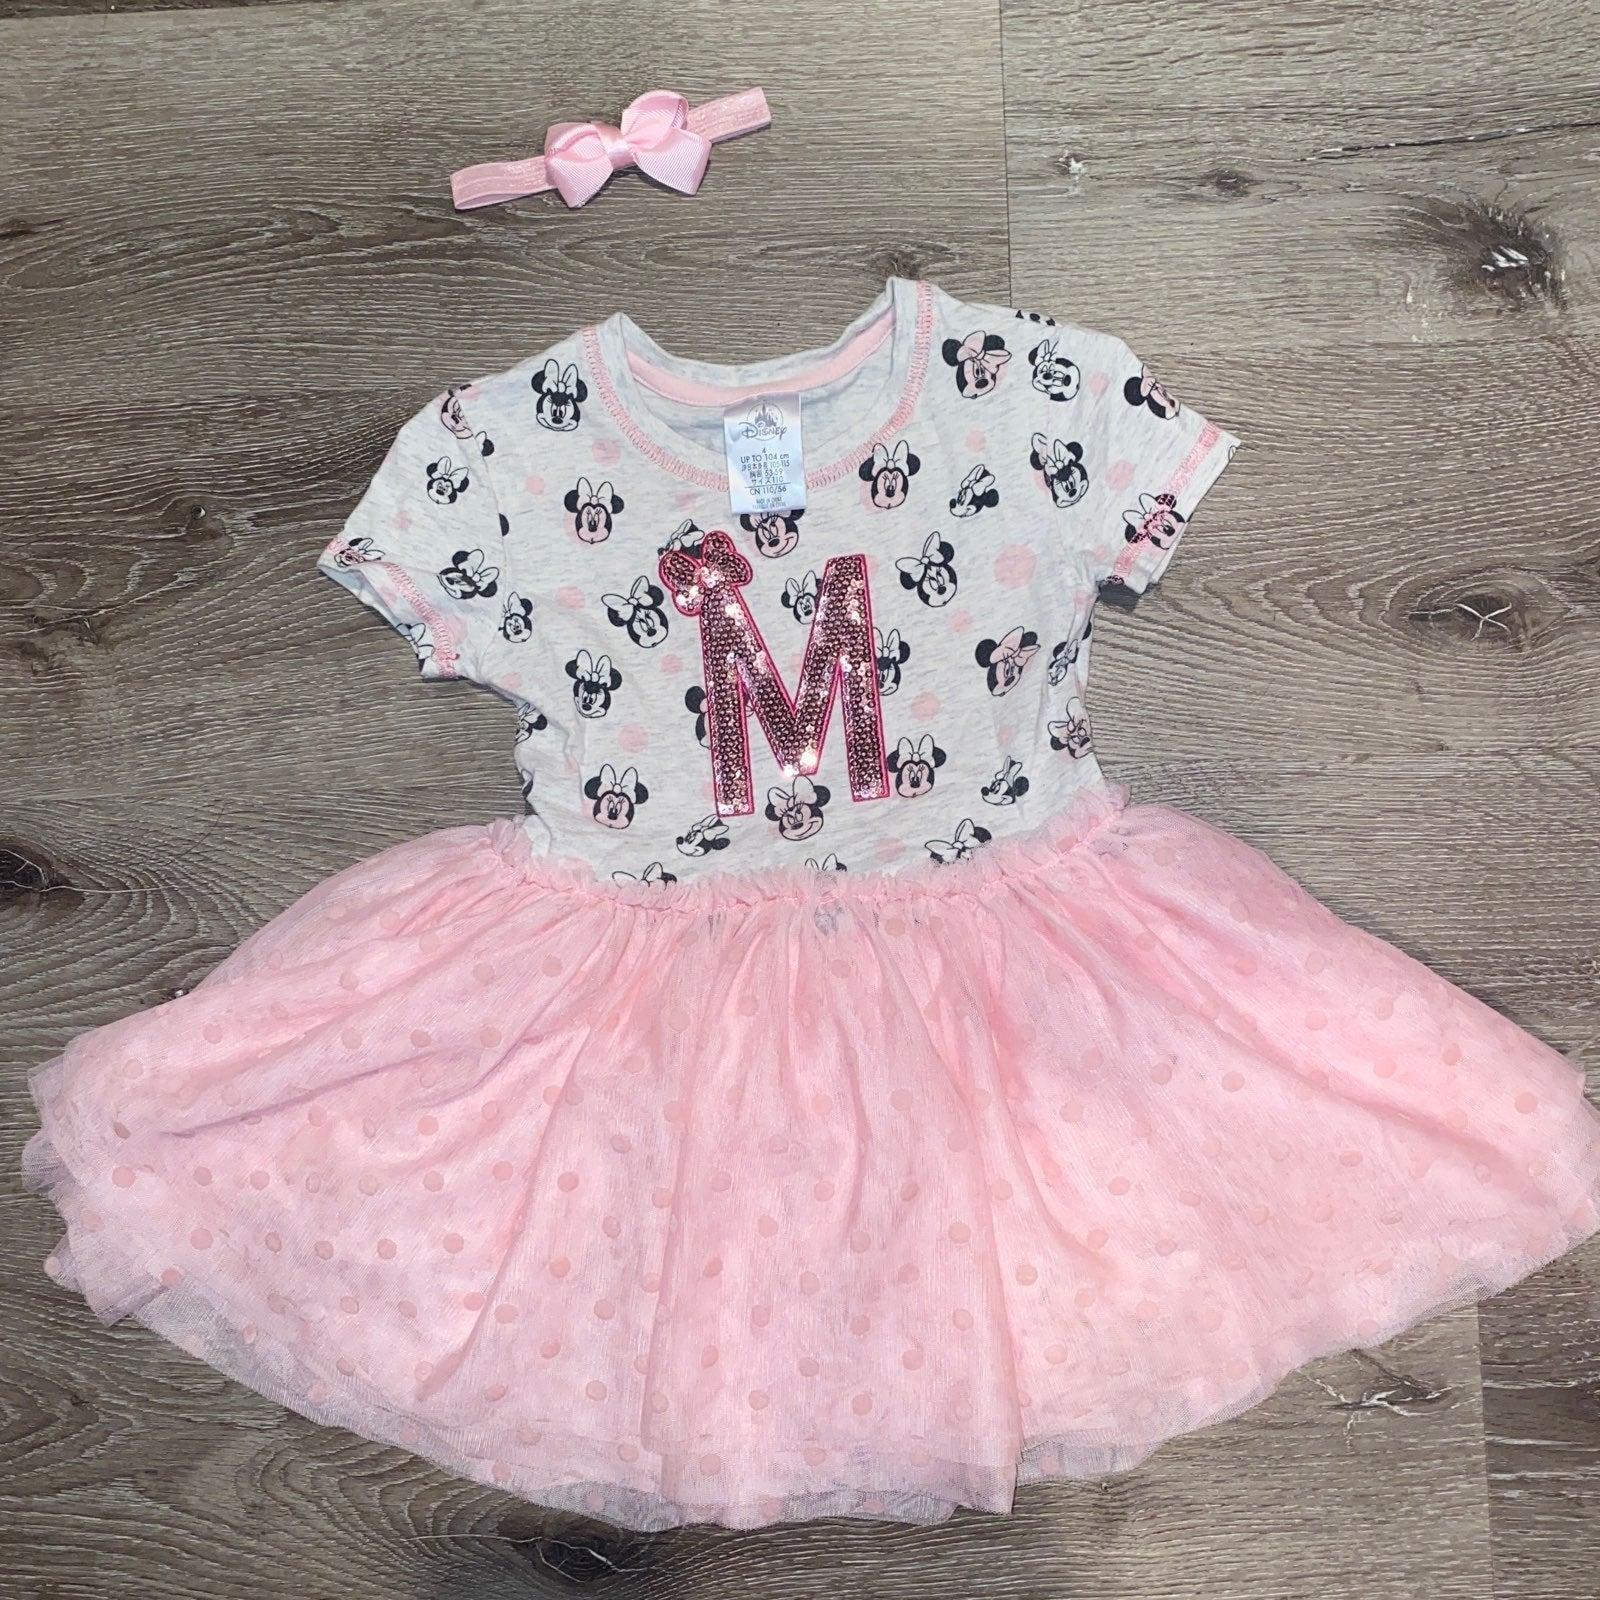 Disney Store Minnie Pink Dress 4t